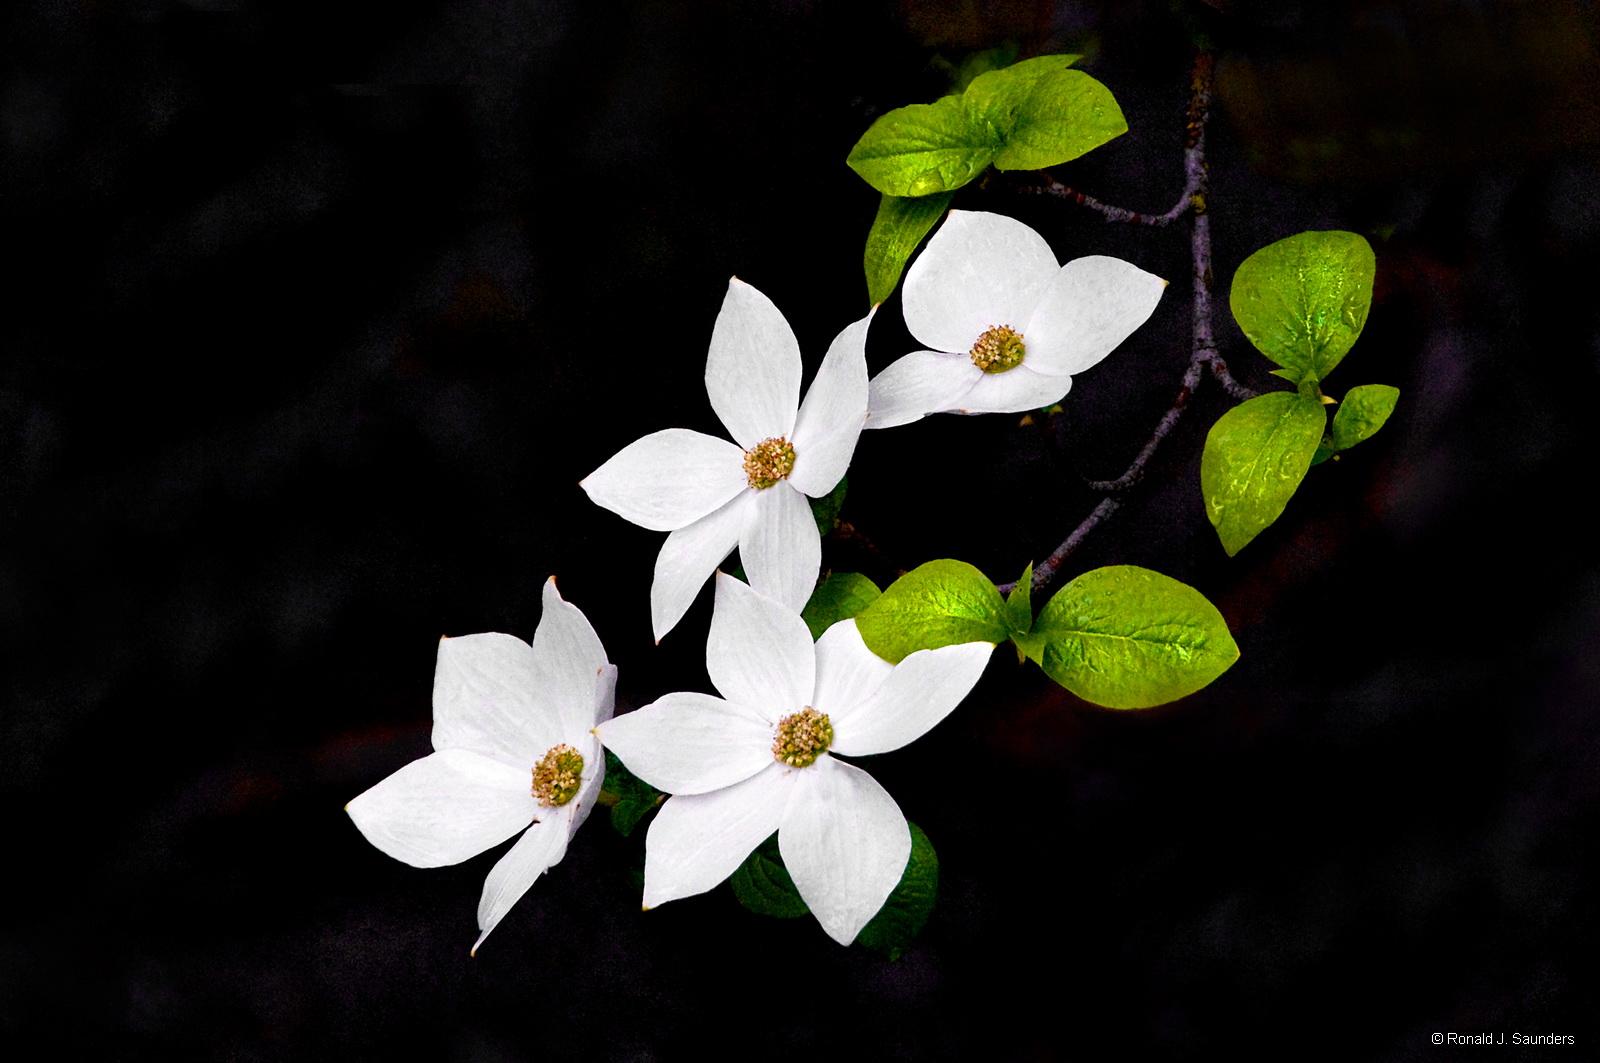 dogwood, yosemite, flower, leaf, plant, tree, photo